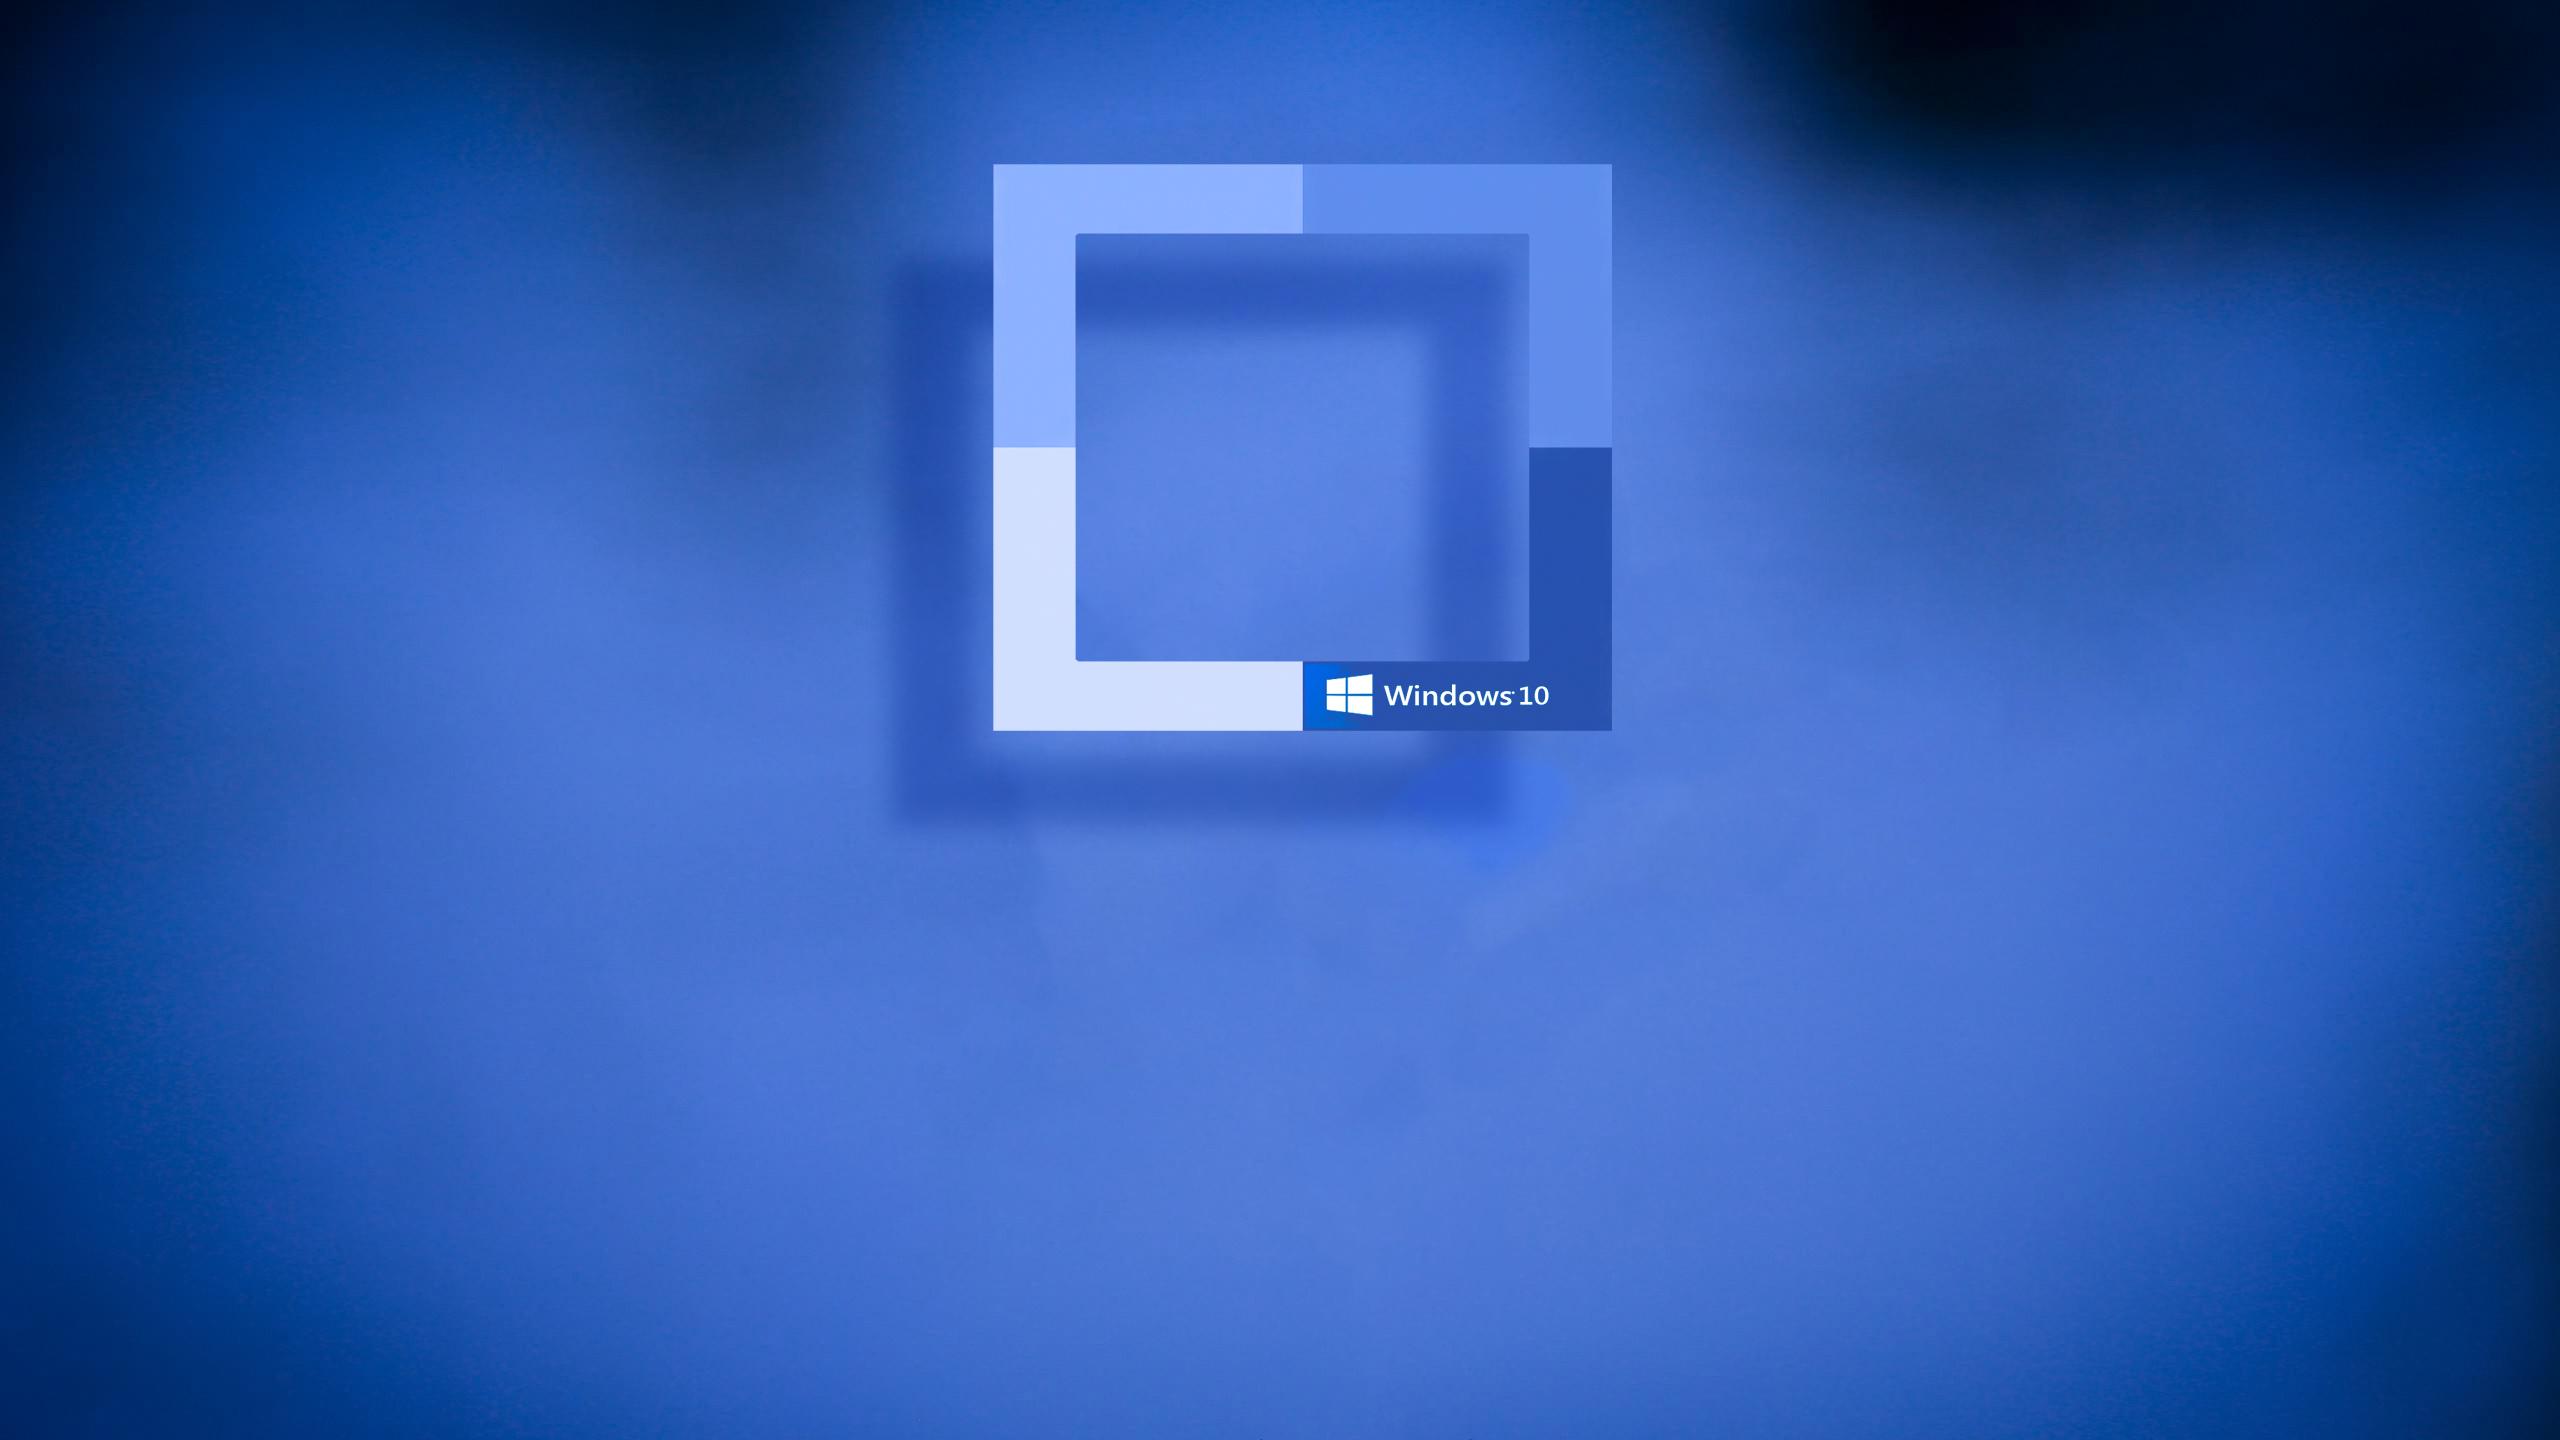 windows 10 wallpapers desktop backgrounds 5 a windows10 wallpaper